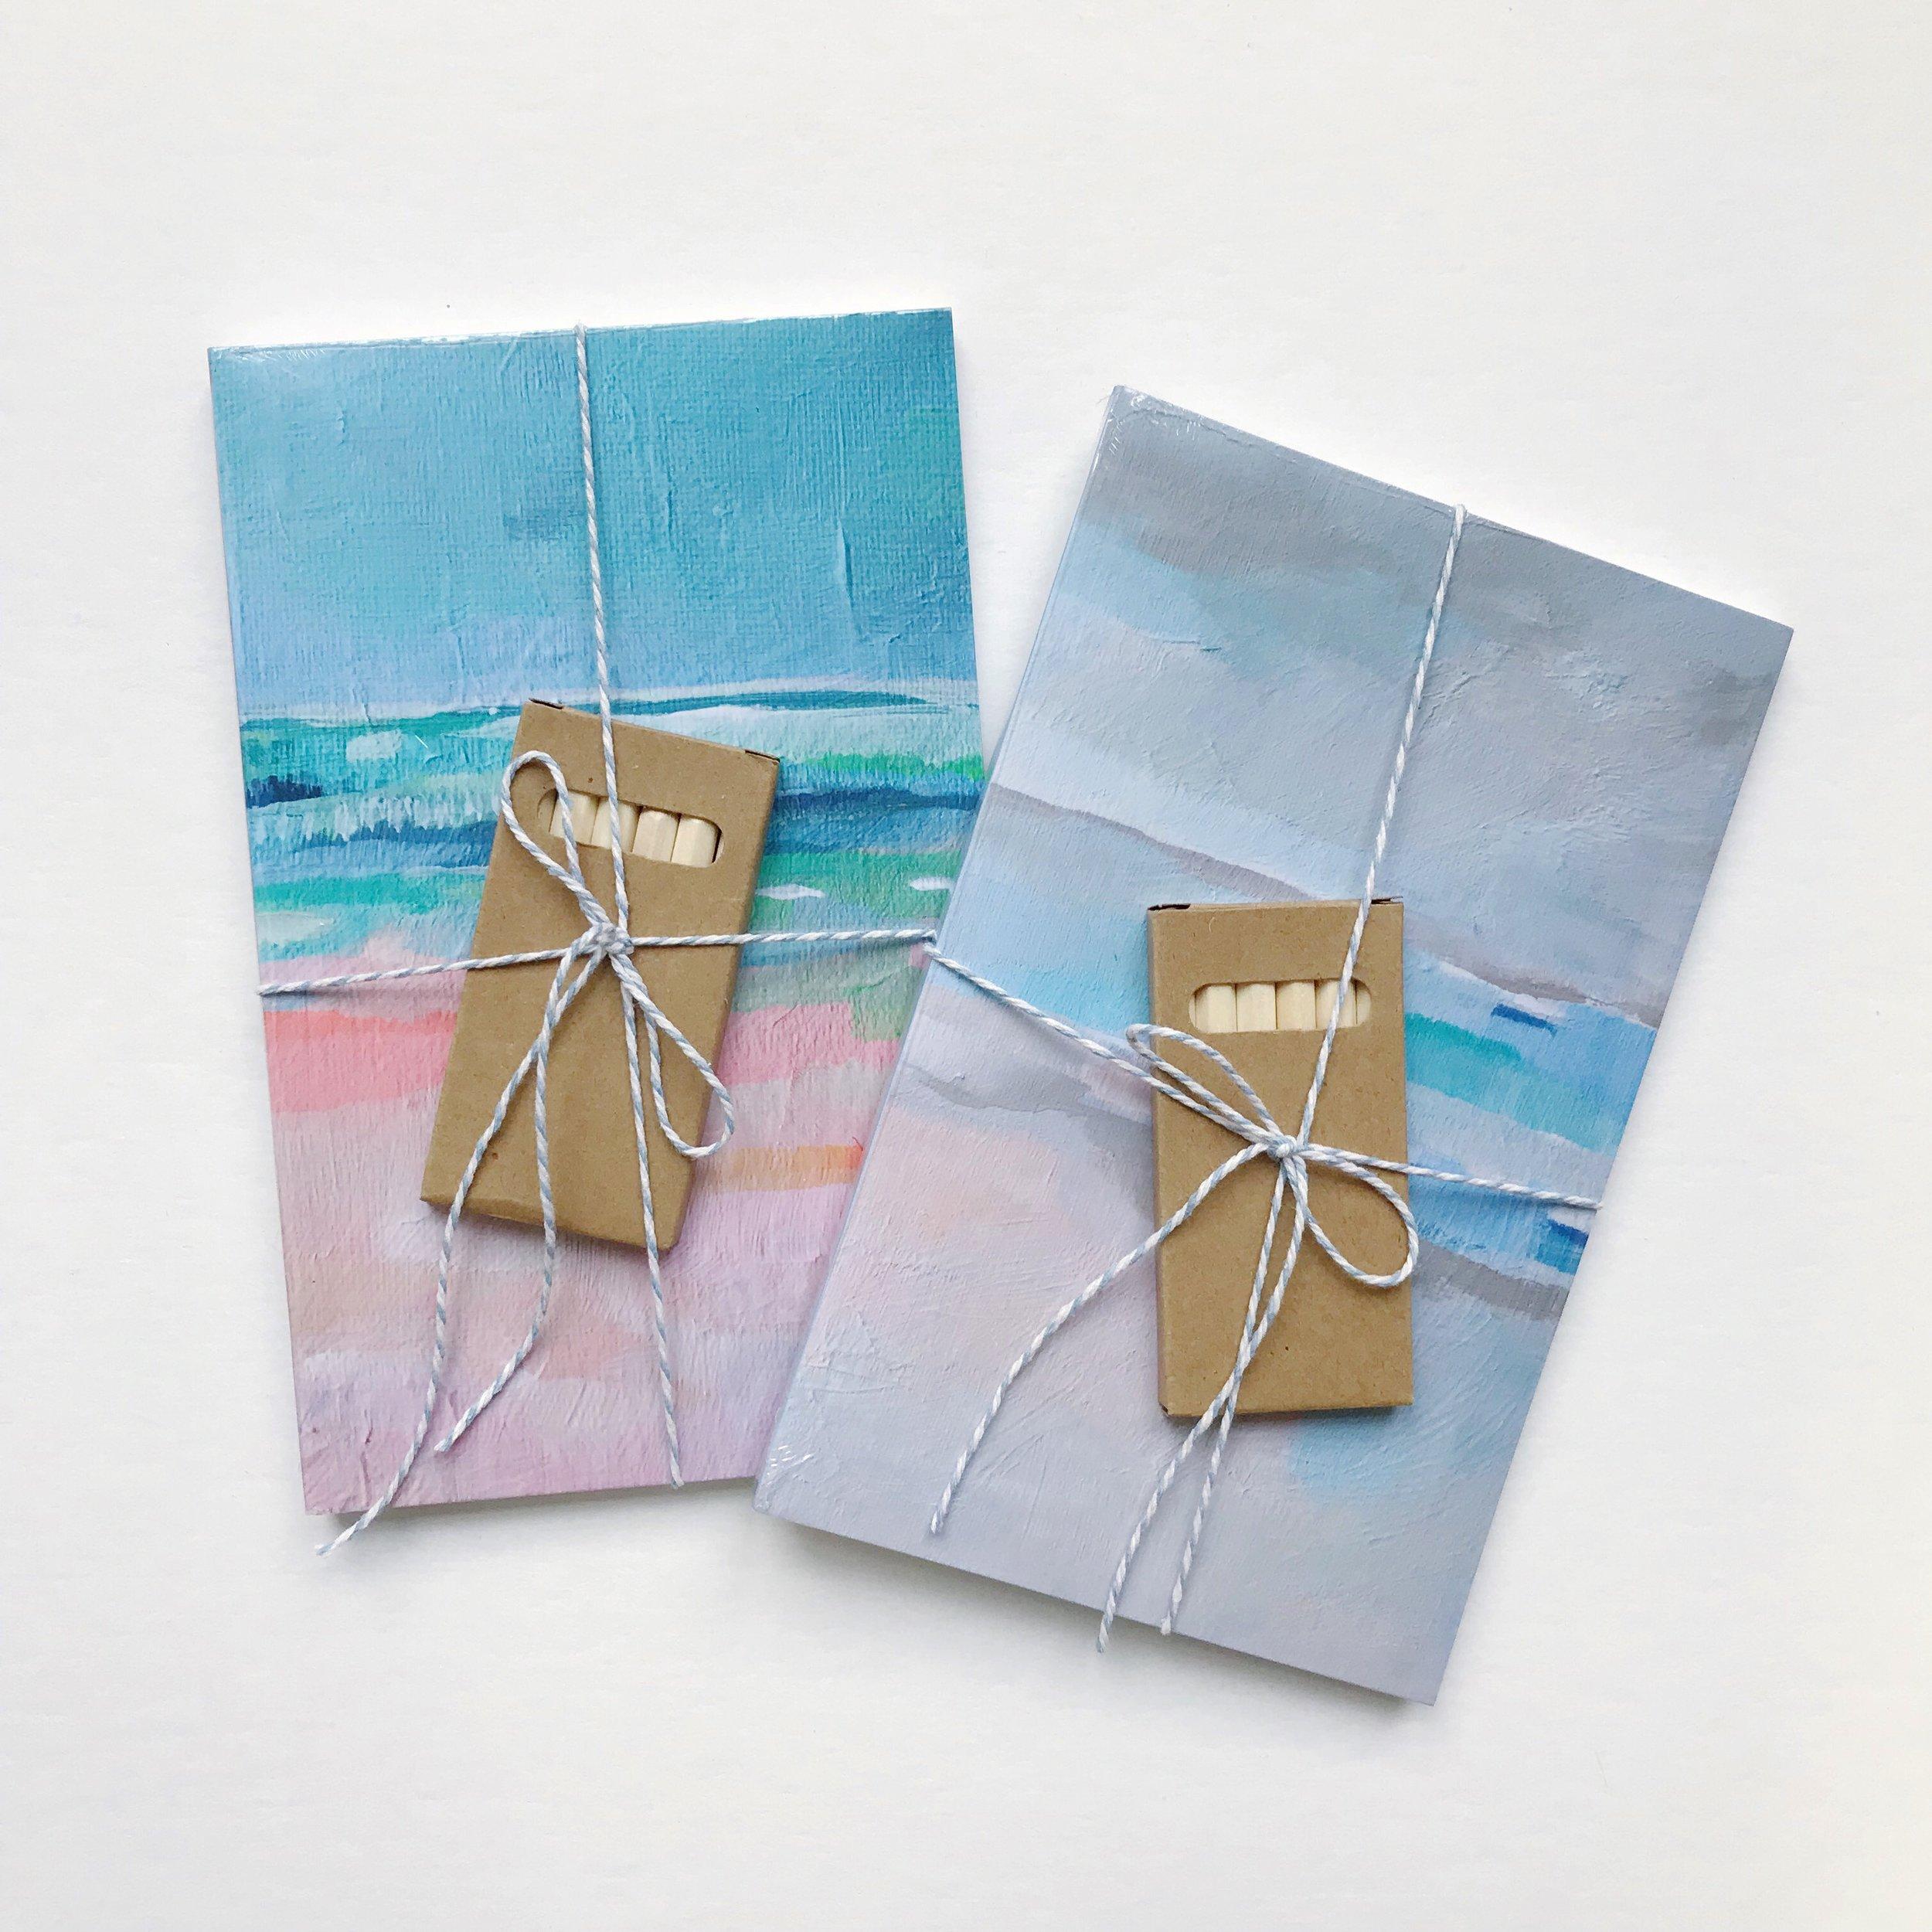 Little Artist sketchbook set - Shop Denik and Art by Megan